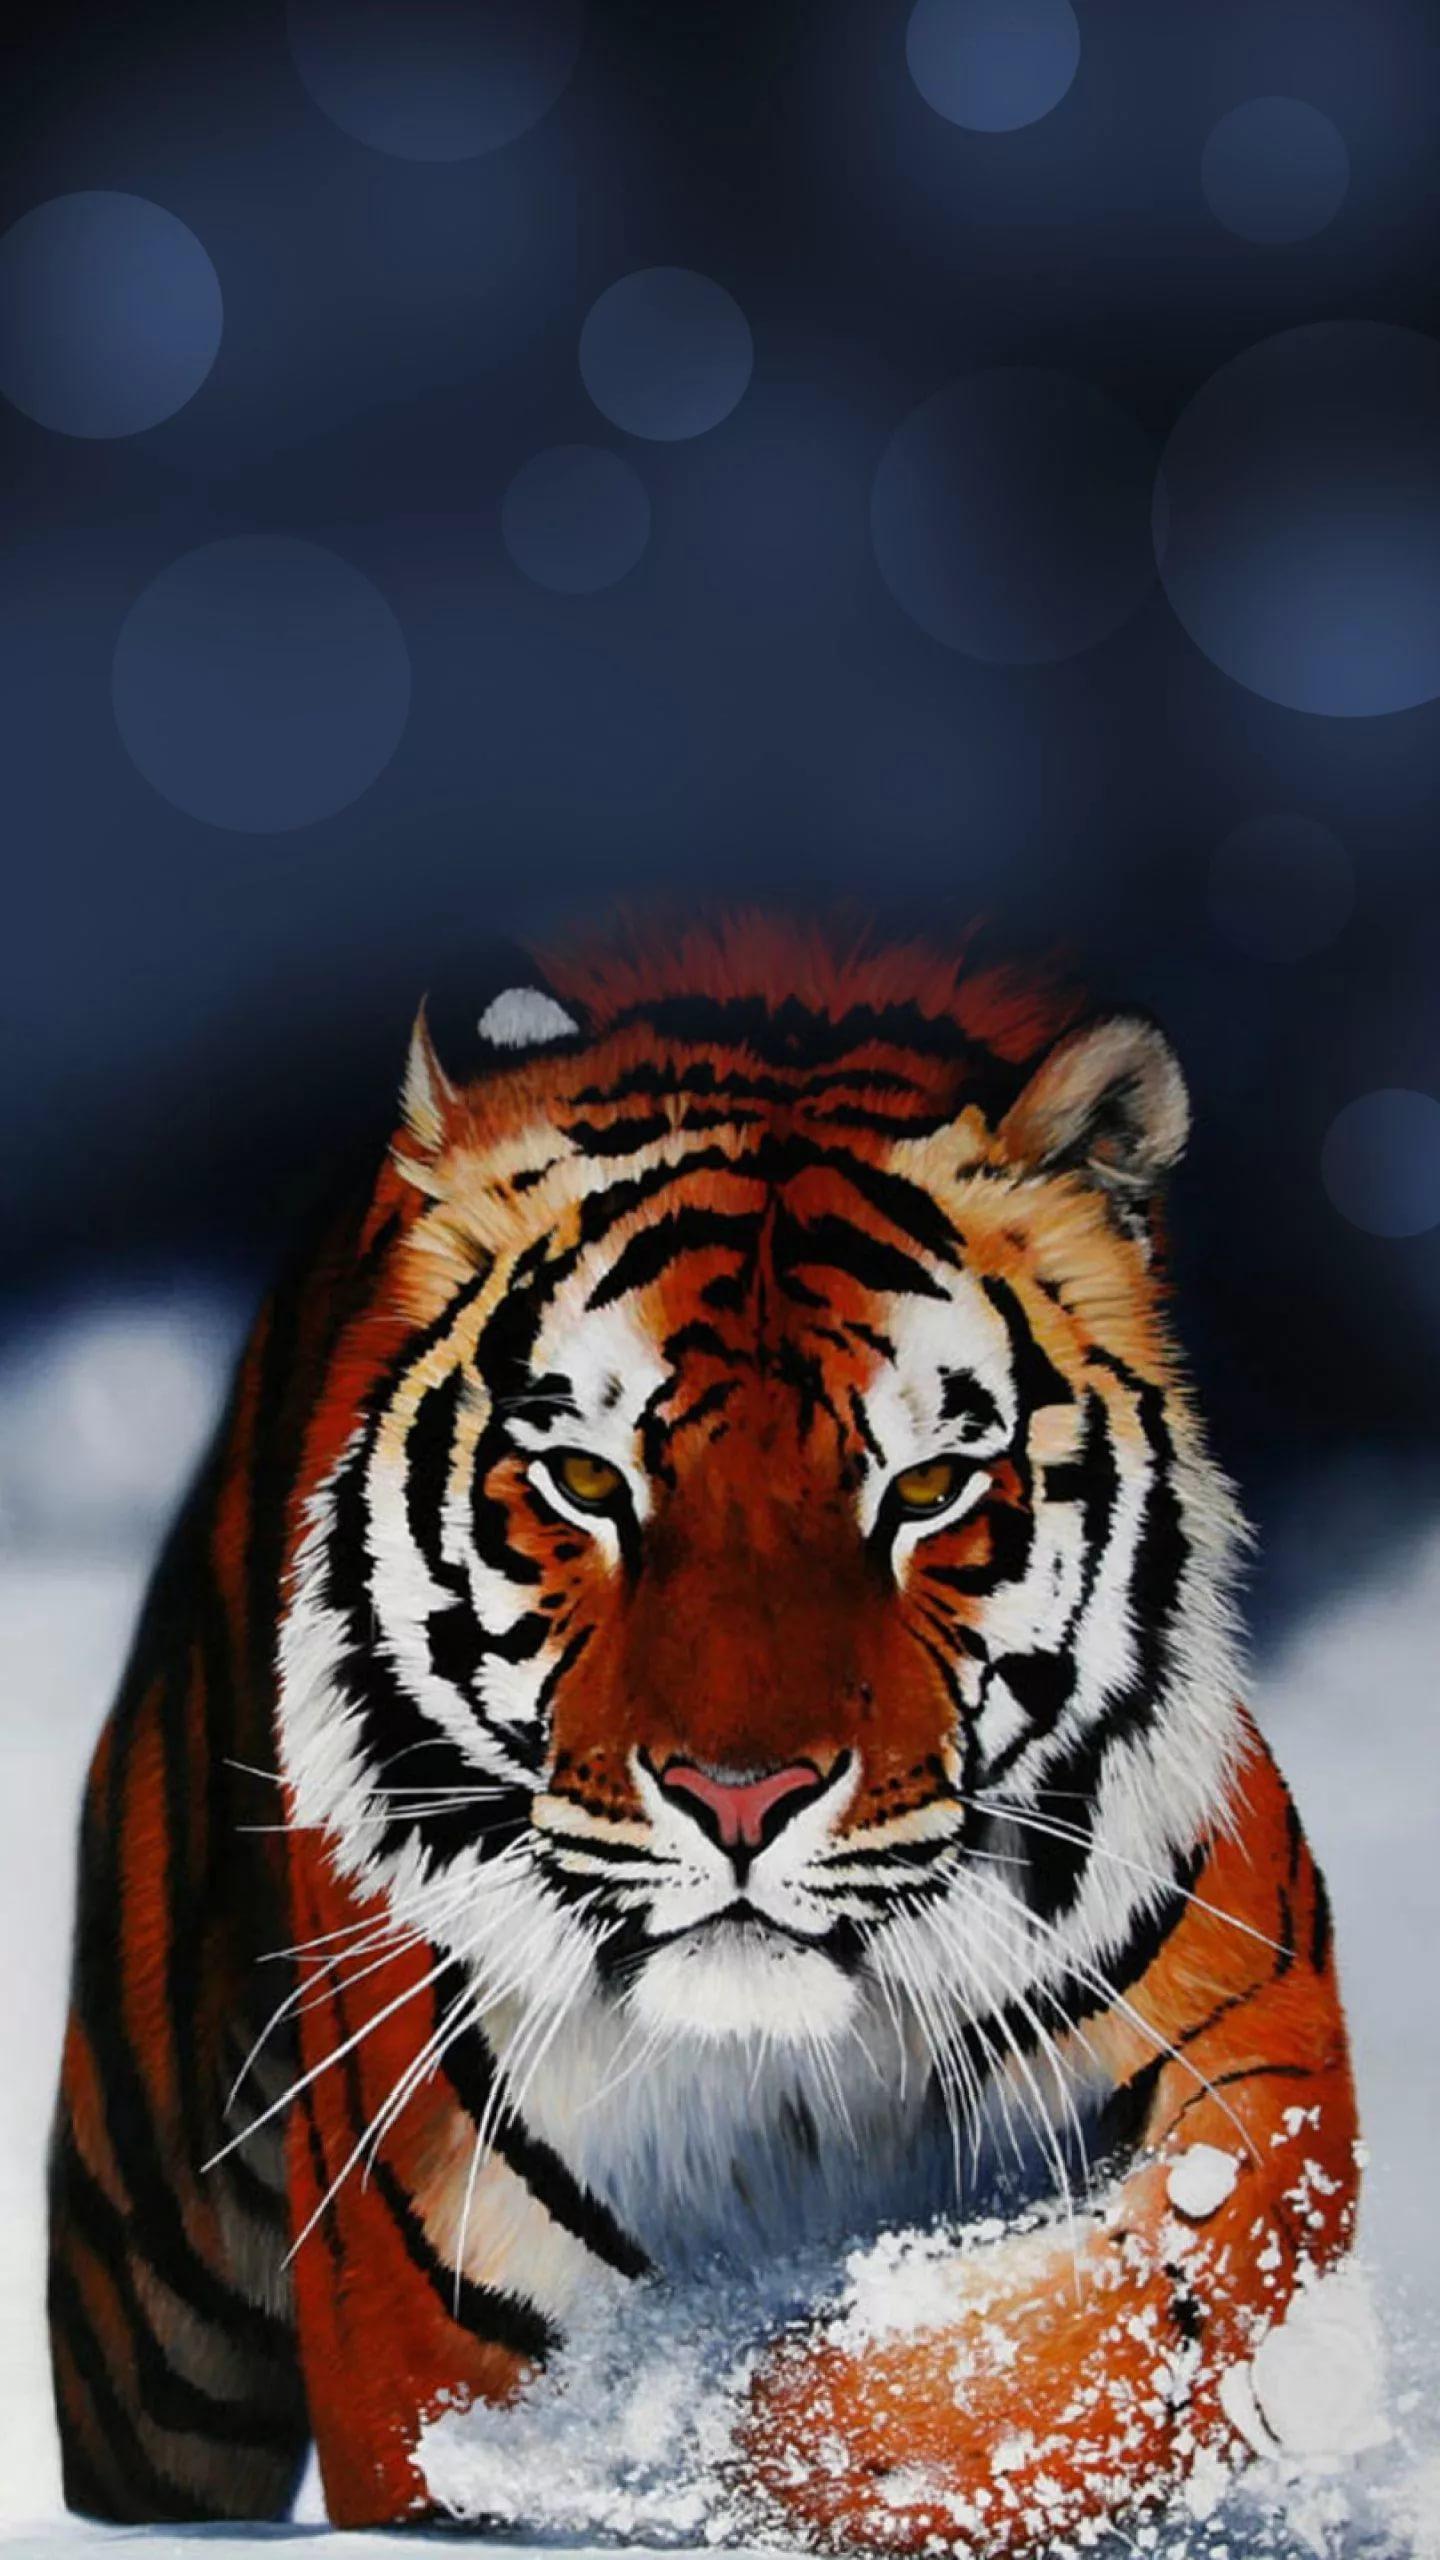 Картинки тигра на телефон скачать лучшие 2